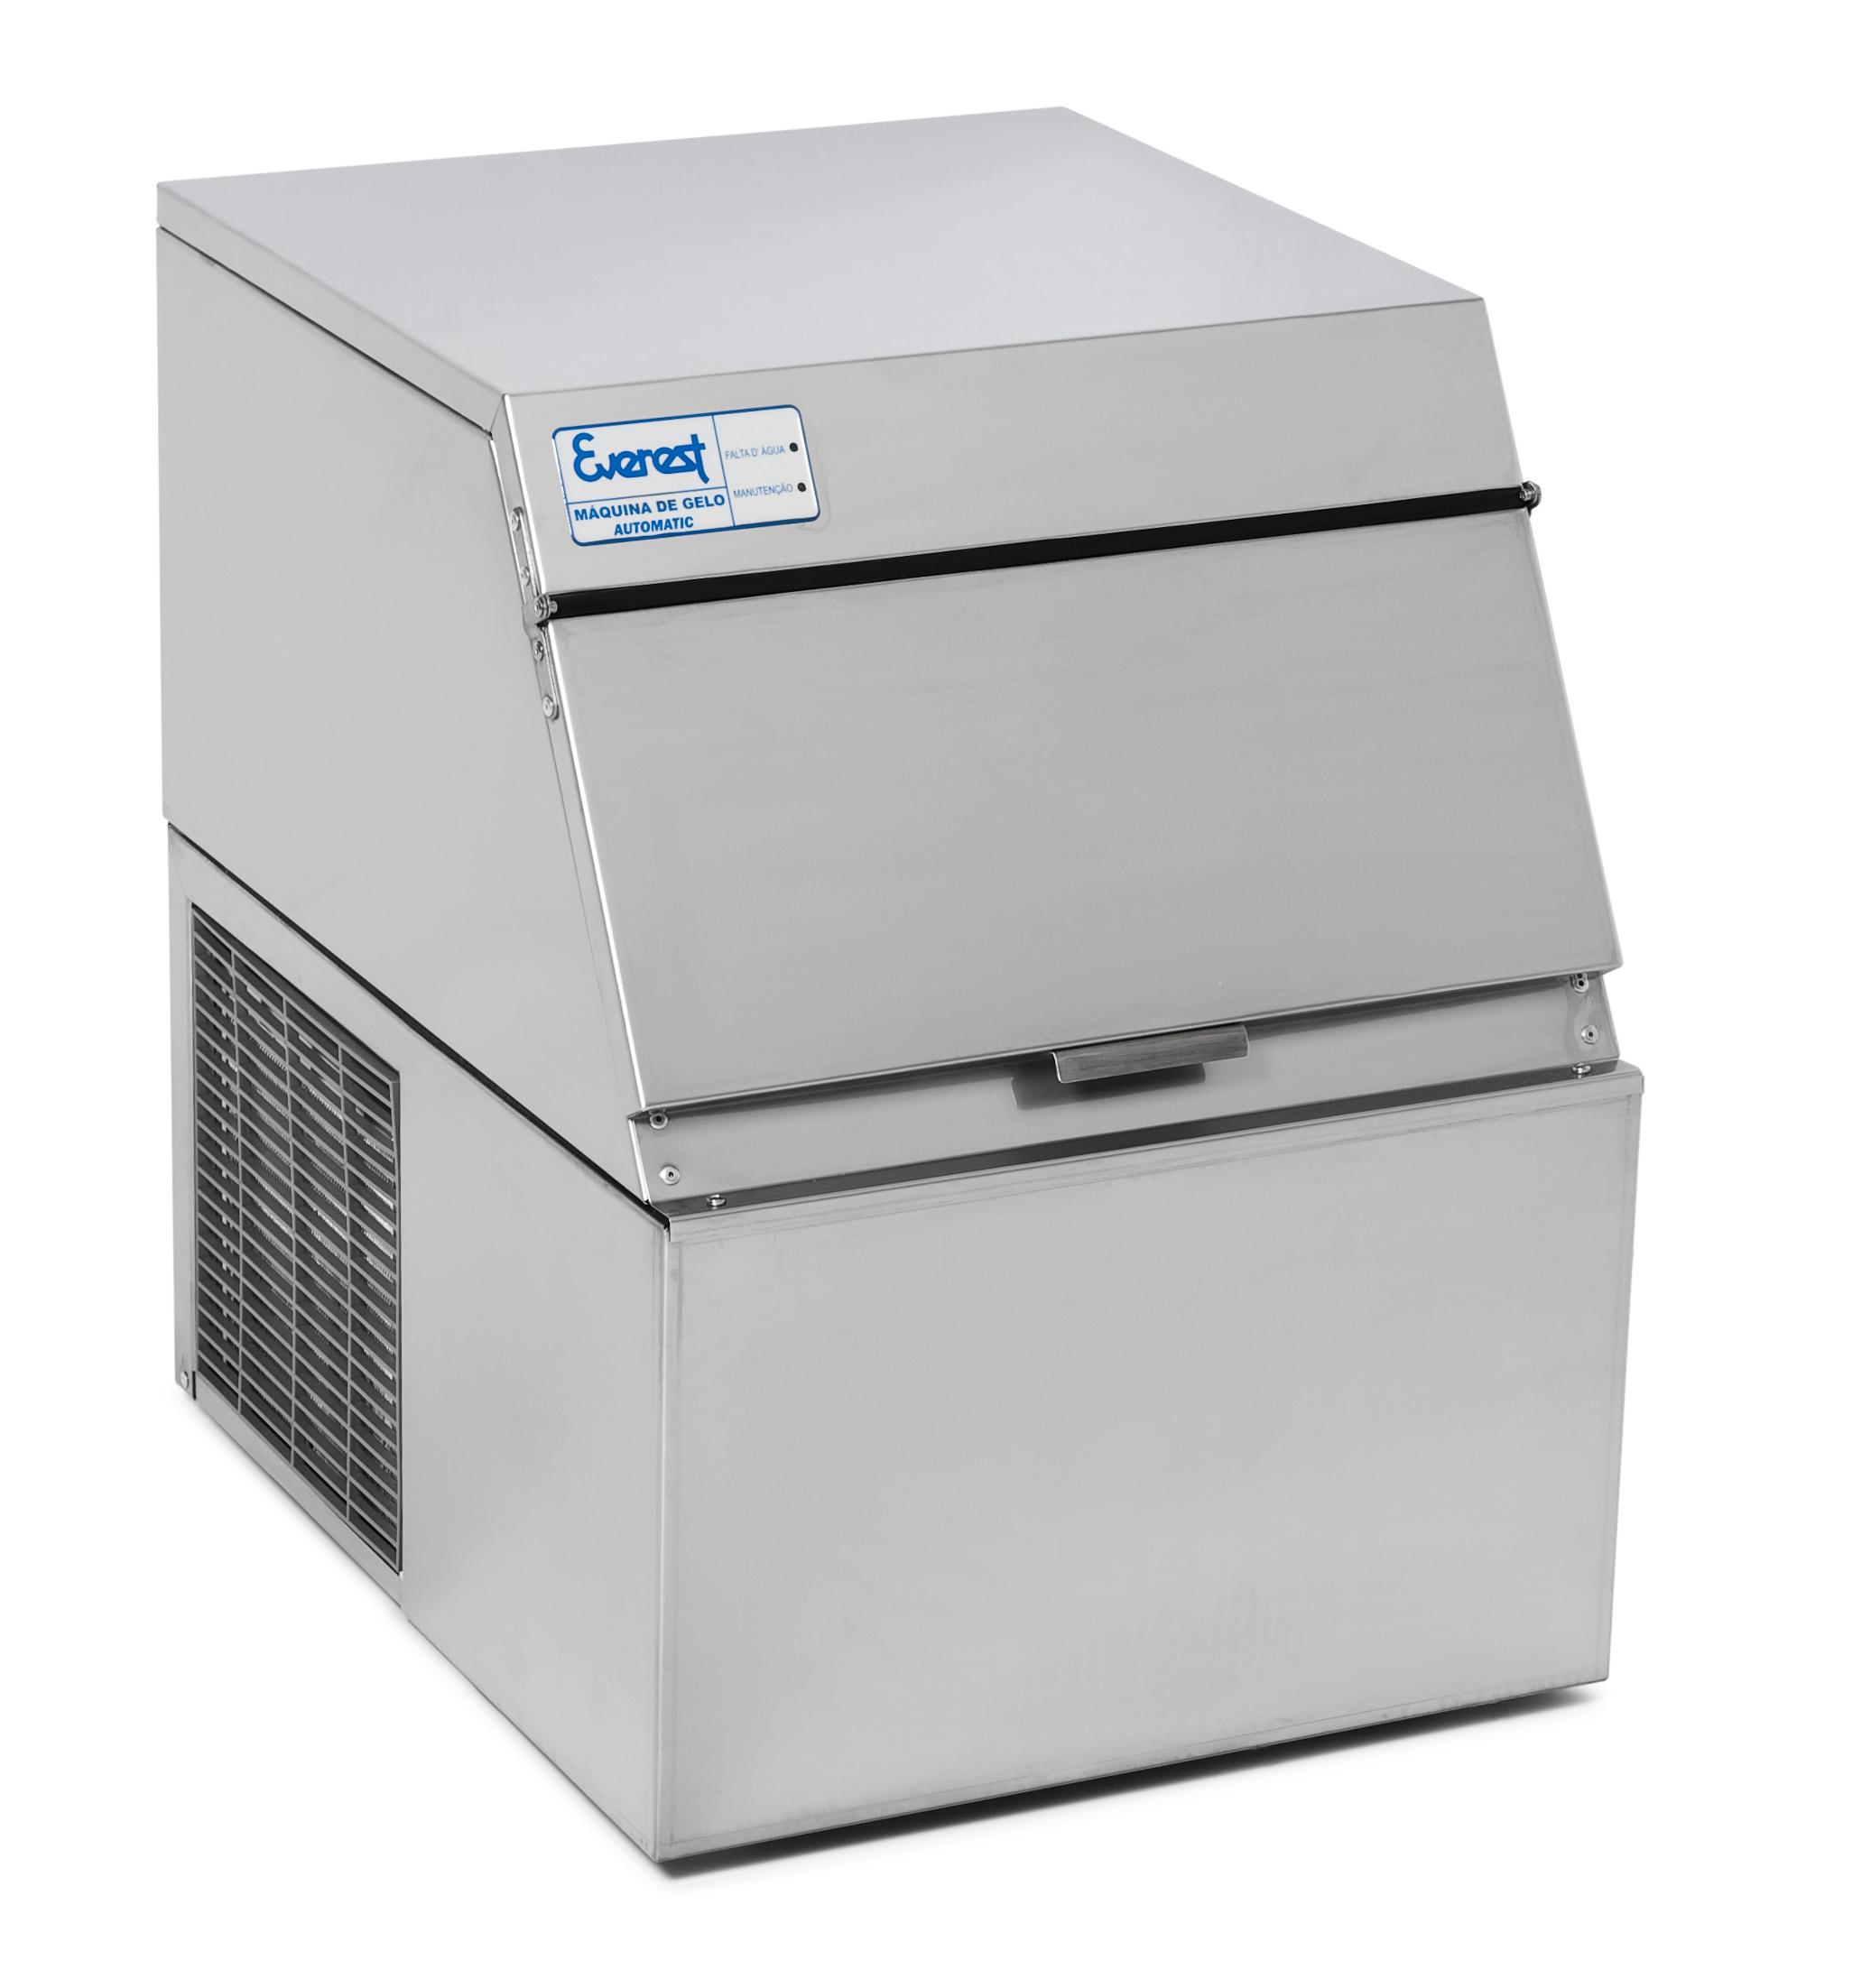 comprar maquina de gelo  EGC 50